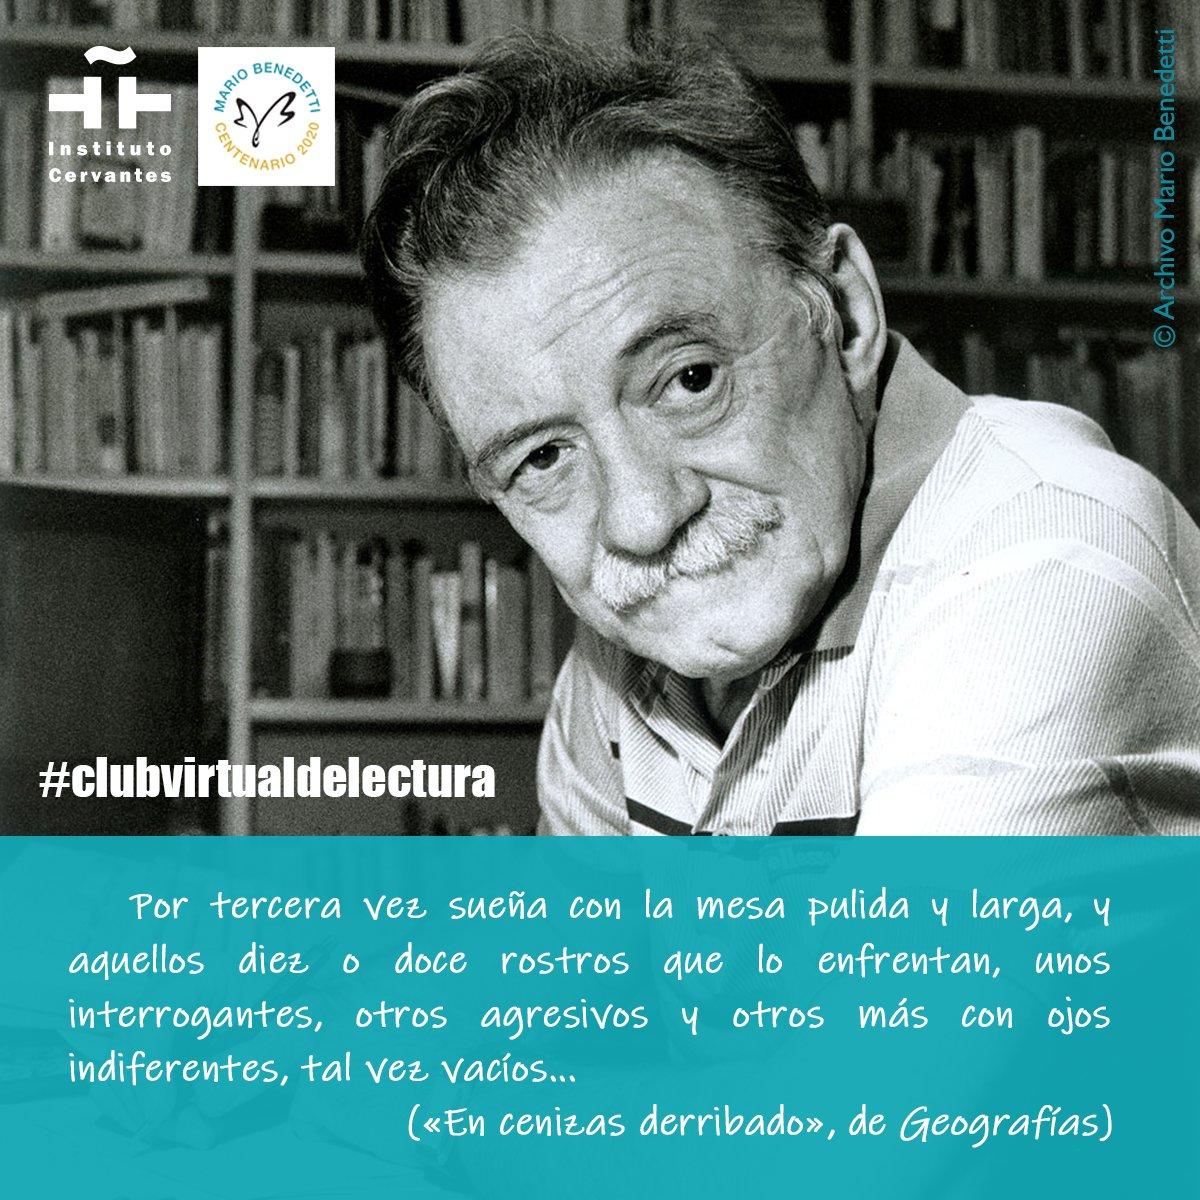 🔵Hoy tratamos el cuento «En cenizas derribado» de Mario Benedetti en el #clubvirtualdelectura del  @InstCervantes, con el escritor @pradobenjamin. Modera y dinamiza: @morenomulas📚📲 ➡️🔗https://t.co/XrUfrPQn9N  Más información: https://t.co/ss9Ws0Fh7B   #CentenarioBenedetti https://t.co/HTrQyHitvF